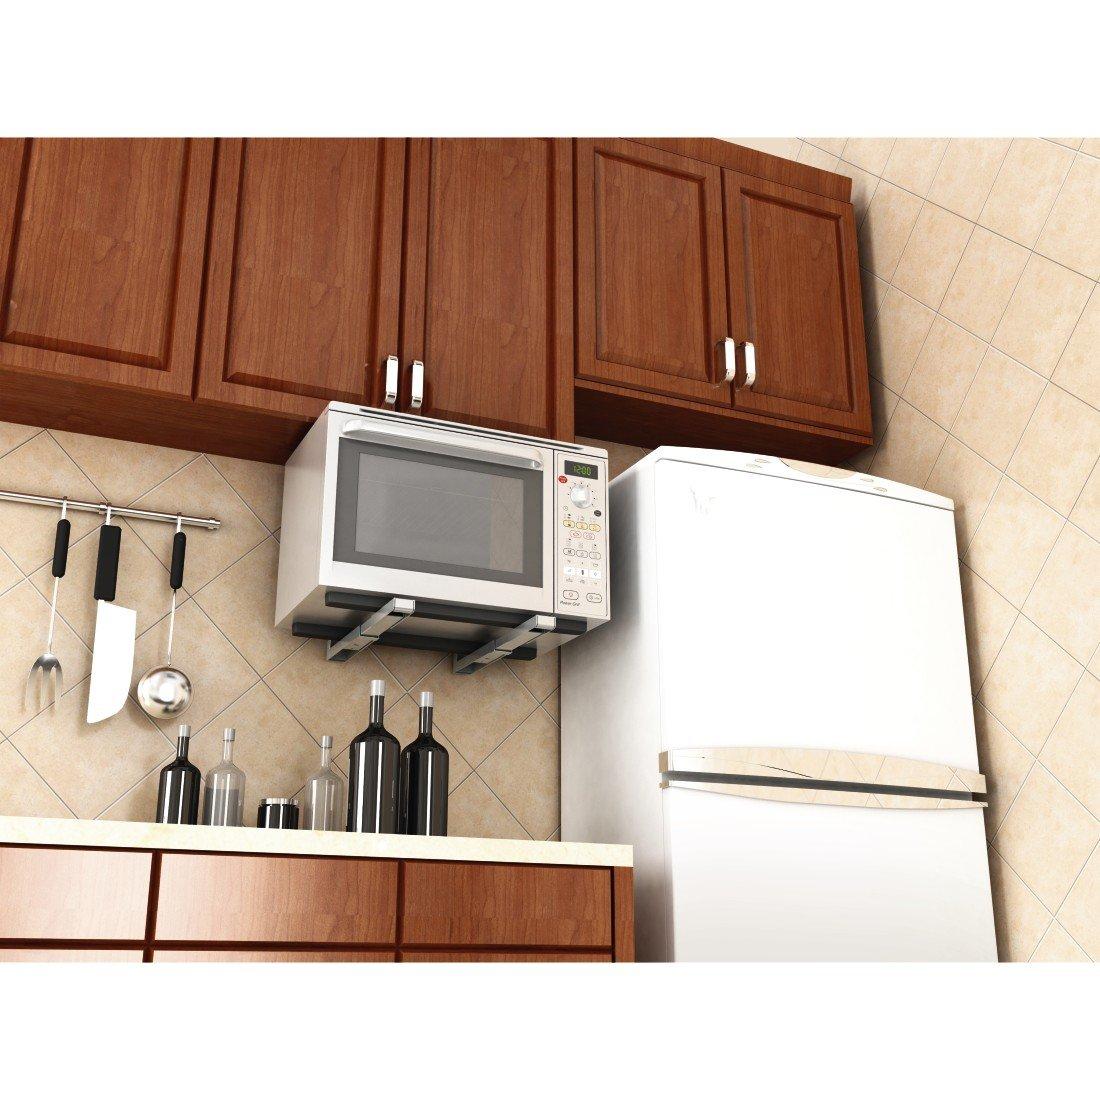 Xavax 00110931 - Soporte para microondas, color plateado: Amazon.es: Hogar